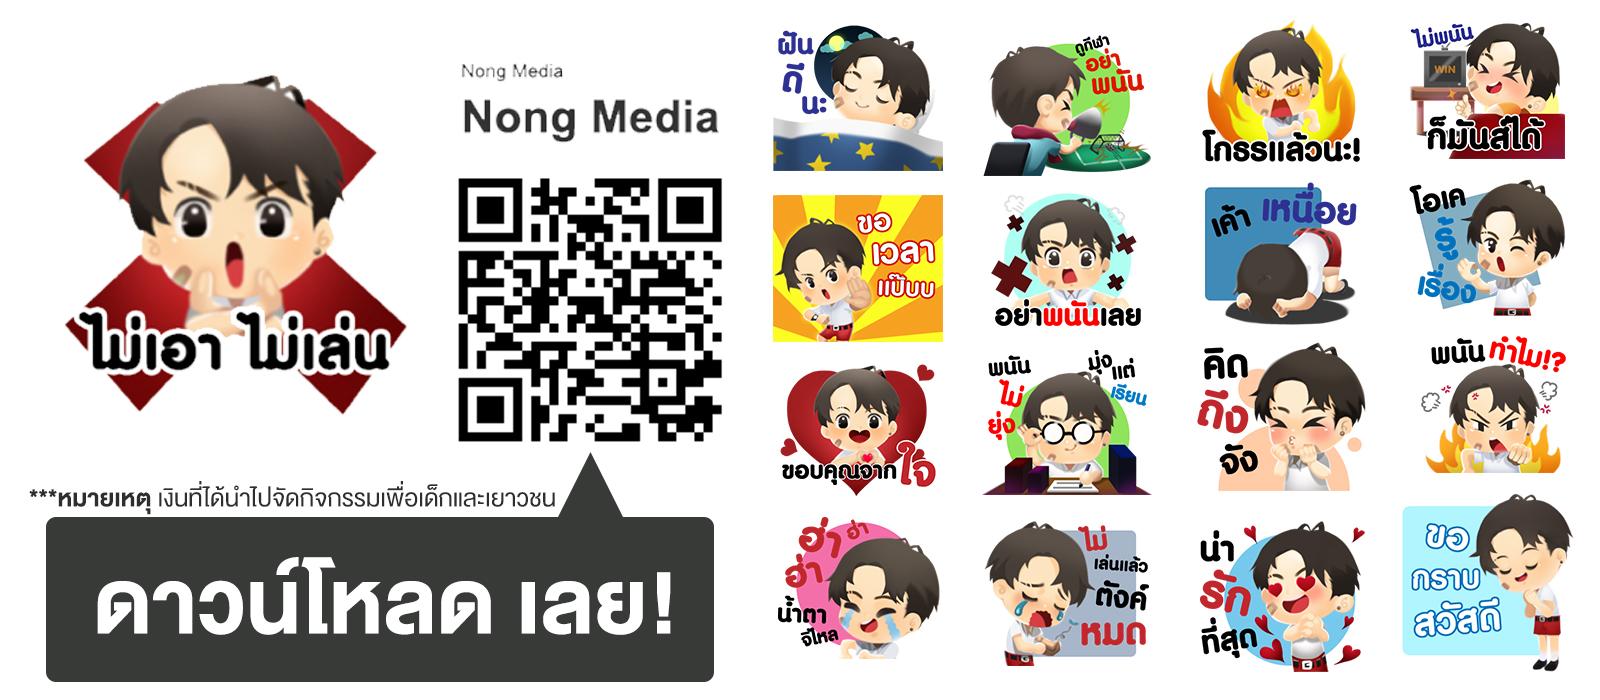 สติ๊กเกอร์ไลน์สถาบันยุวทัศน์แห่งประเทศไทย